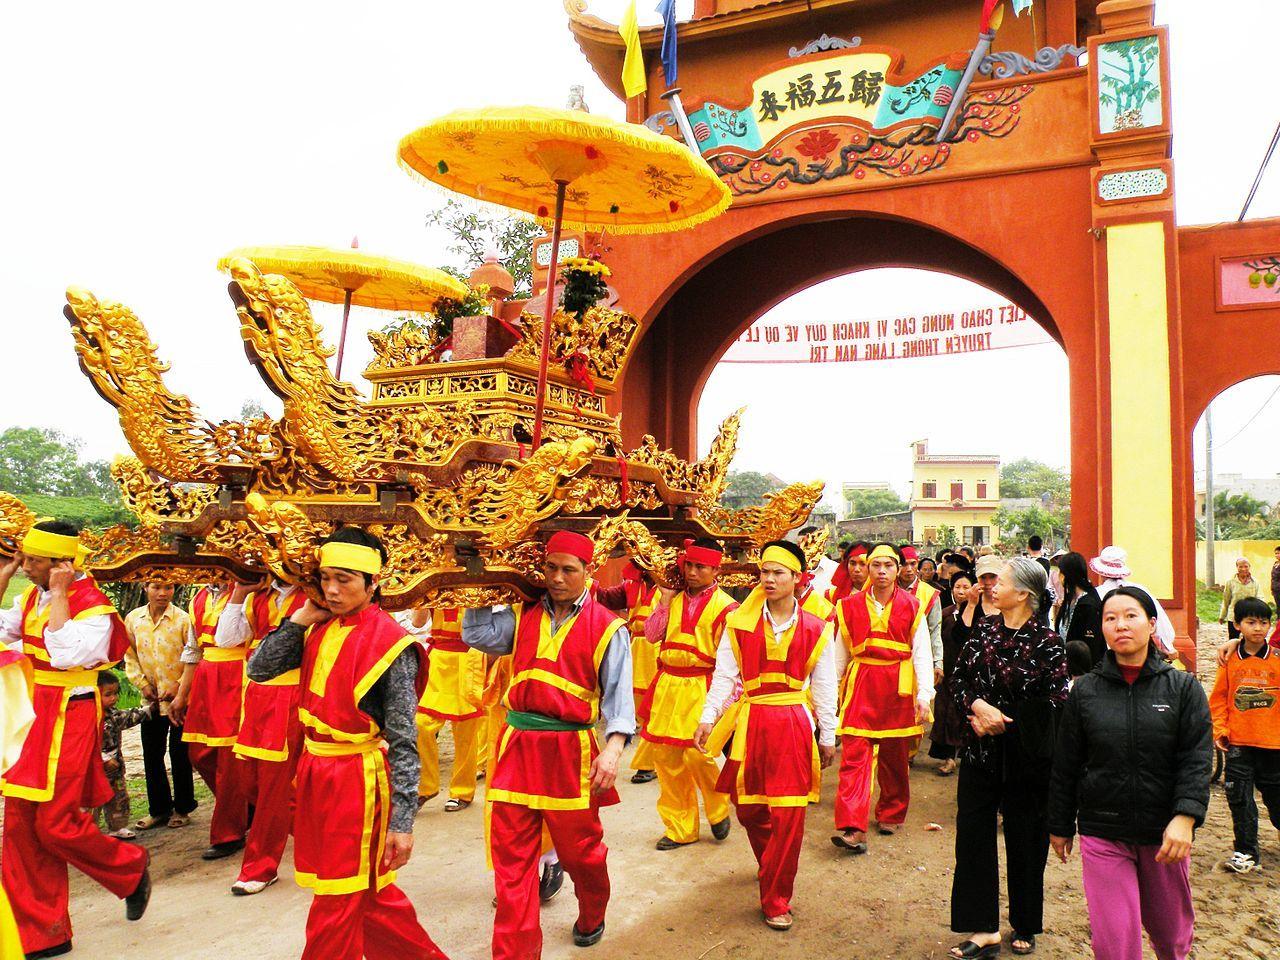 Lễ hội Nam Trì Hưng Yên